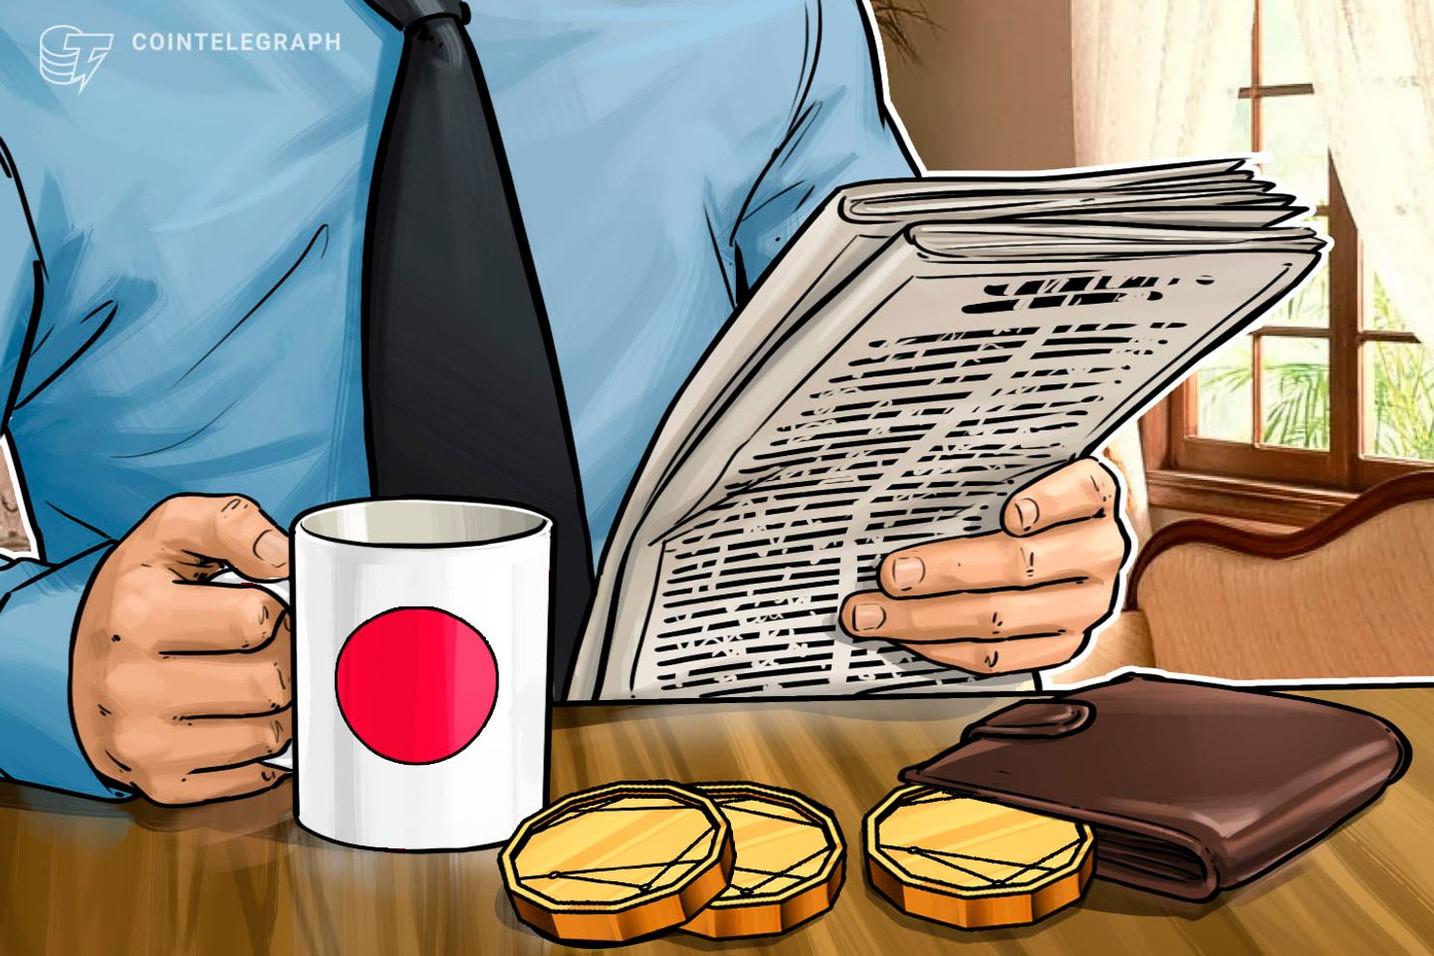 財務省、デジタル通貨の担当官を新たに拡充へ=報道